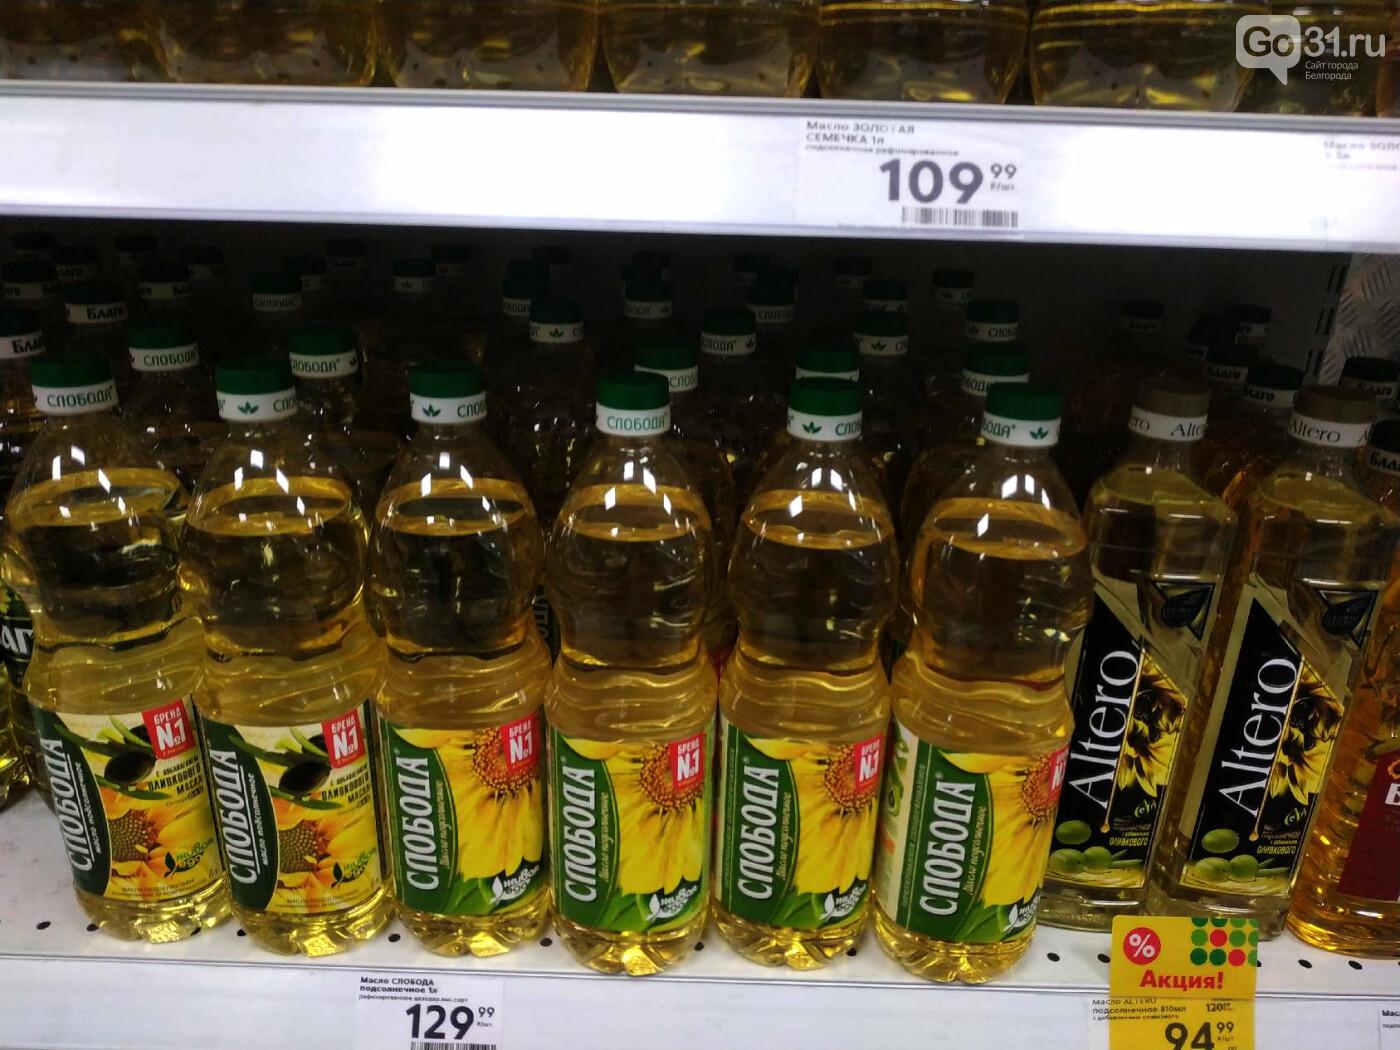 Цены на продукты в магазине Белгорода, Фото: Анастасия Самойлова